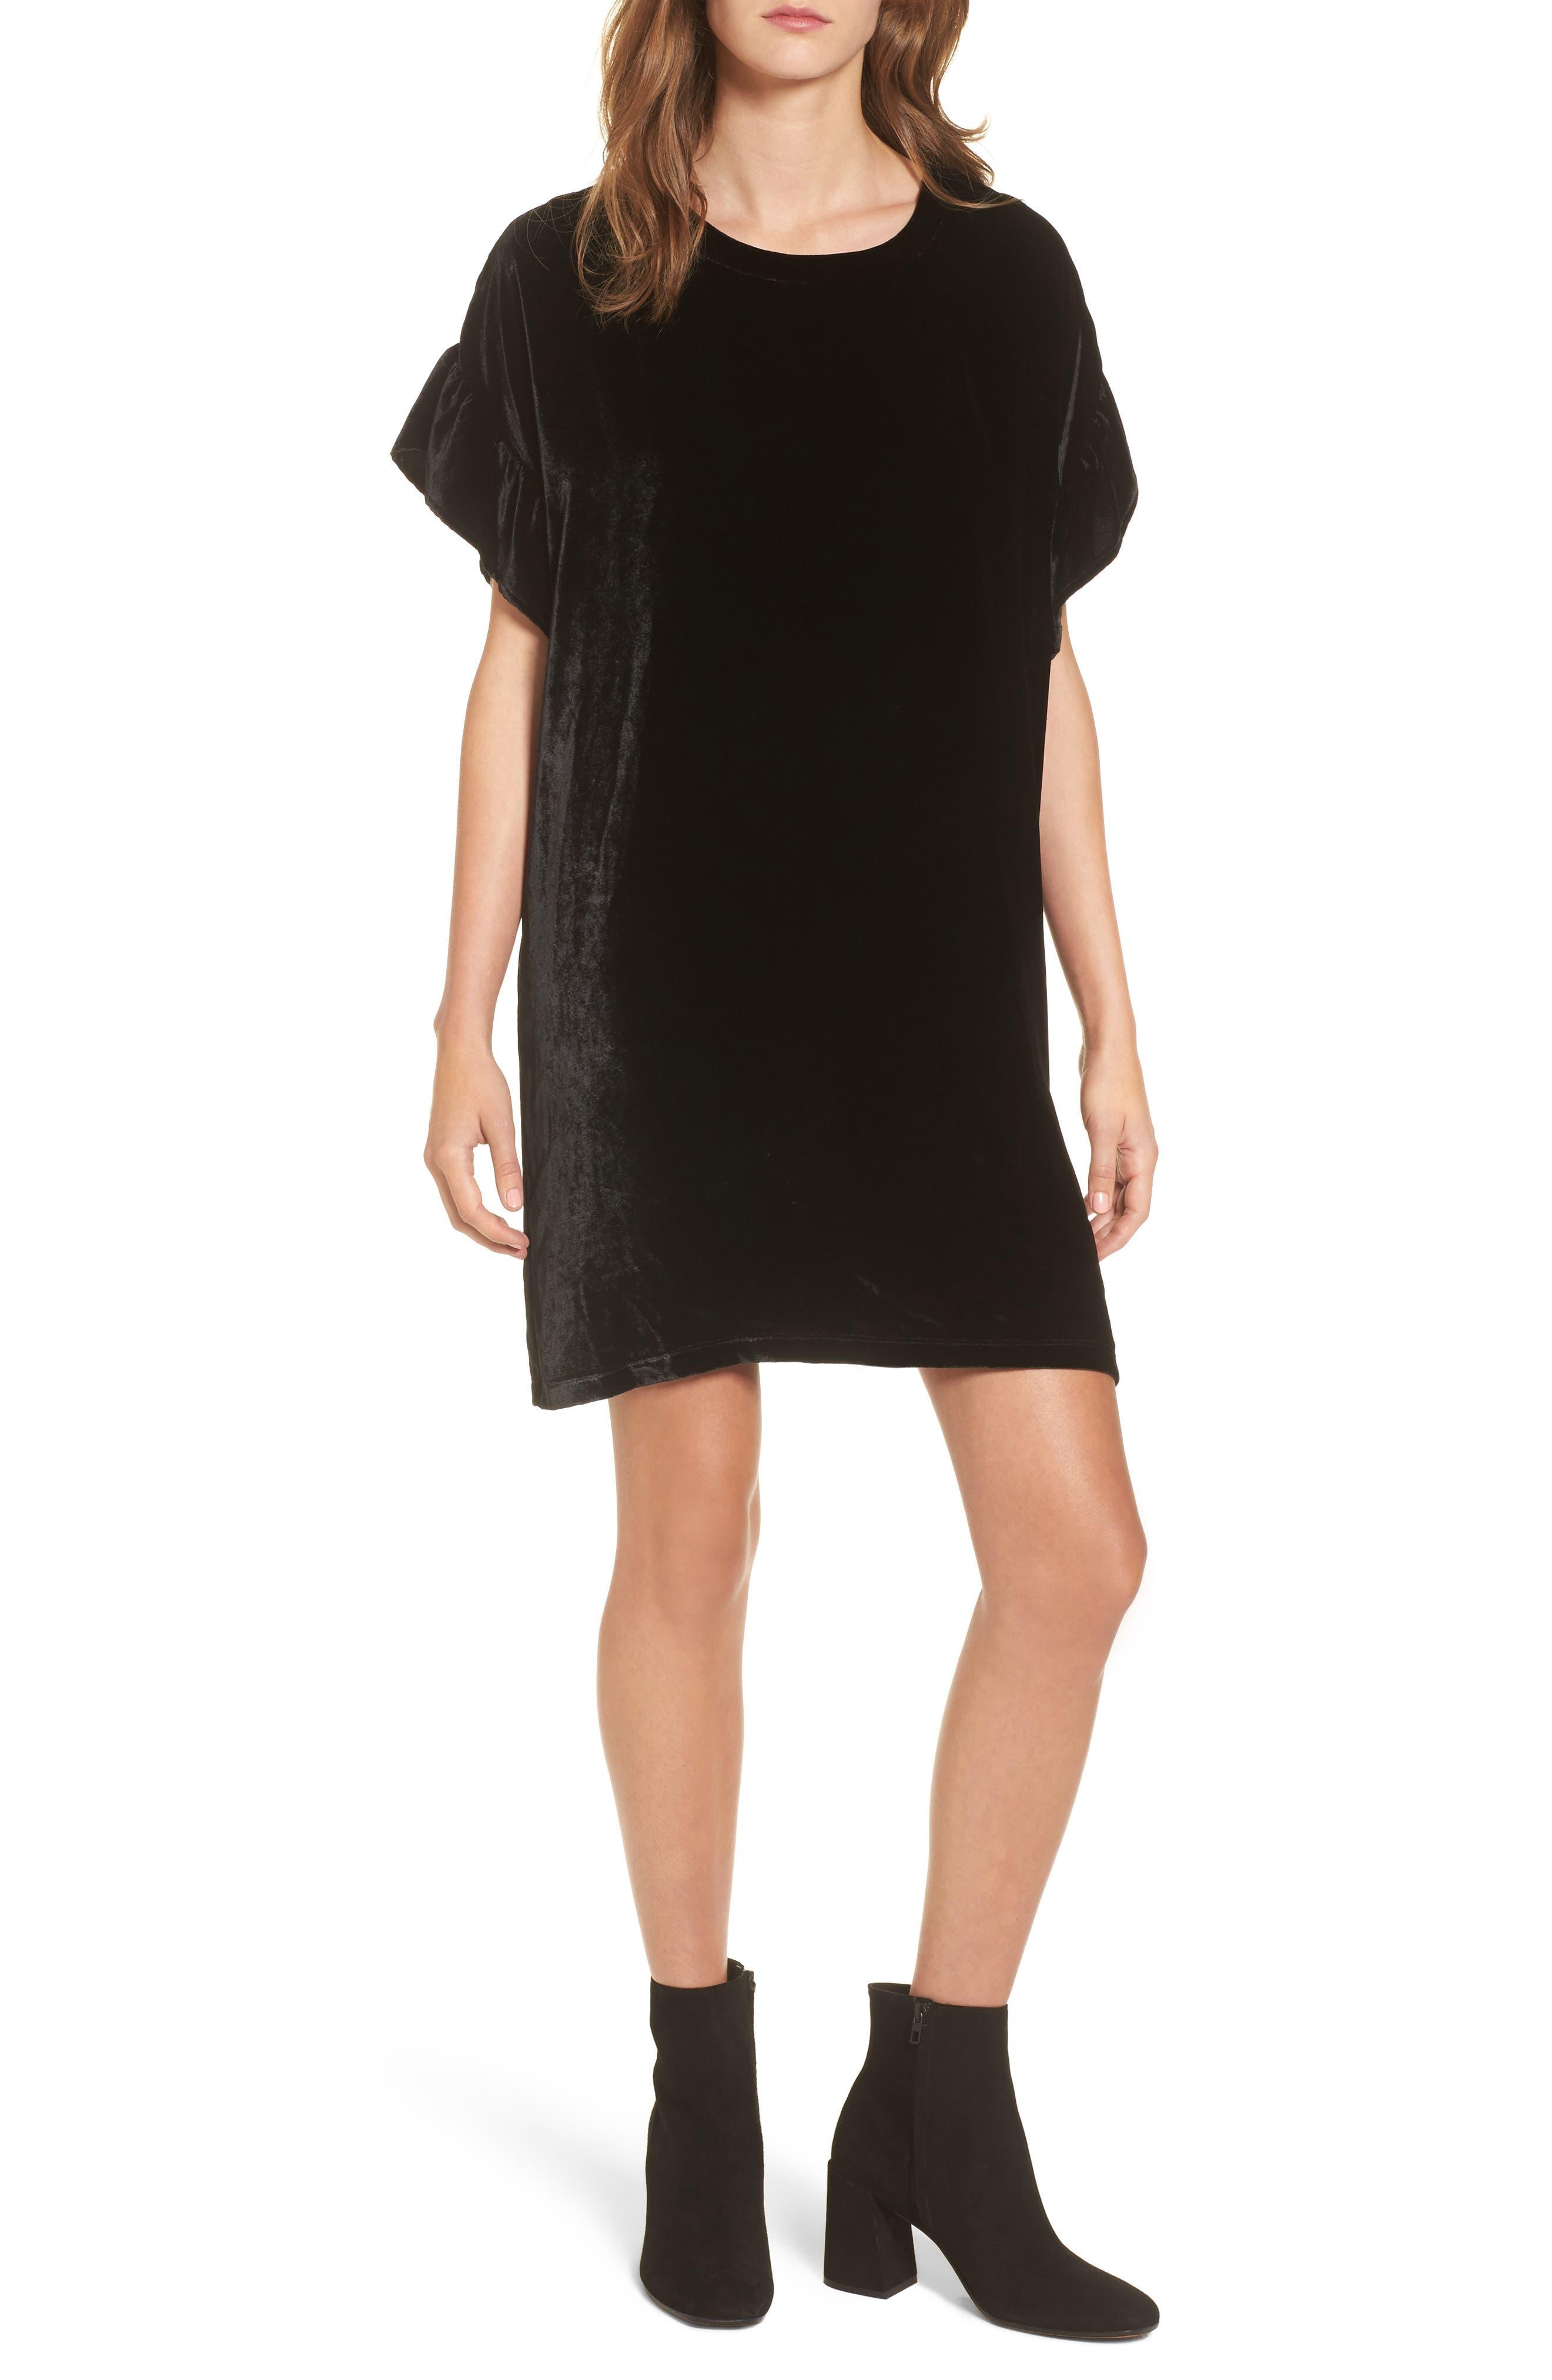 Alternate Image 1 Selected - Current/Elliott The Janie Velvet Shift Dress